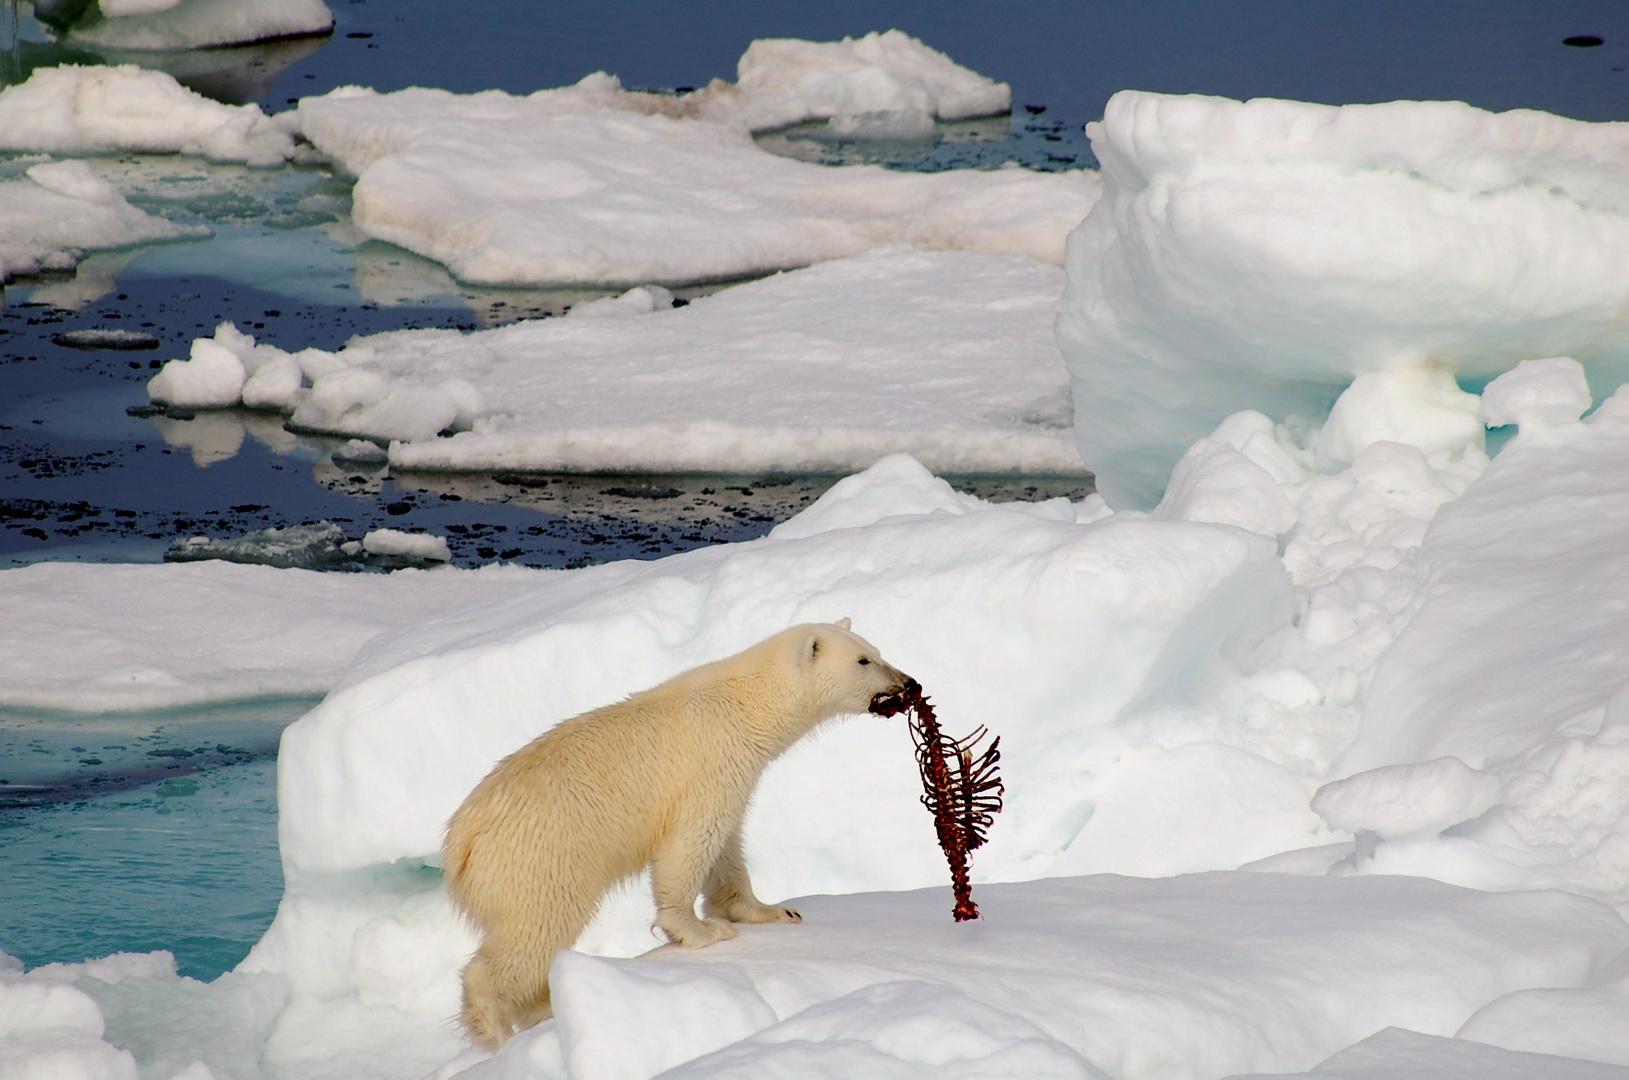 Eisbär beim Fressen